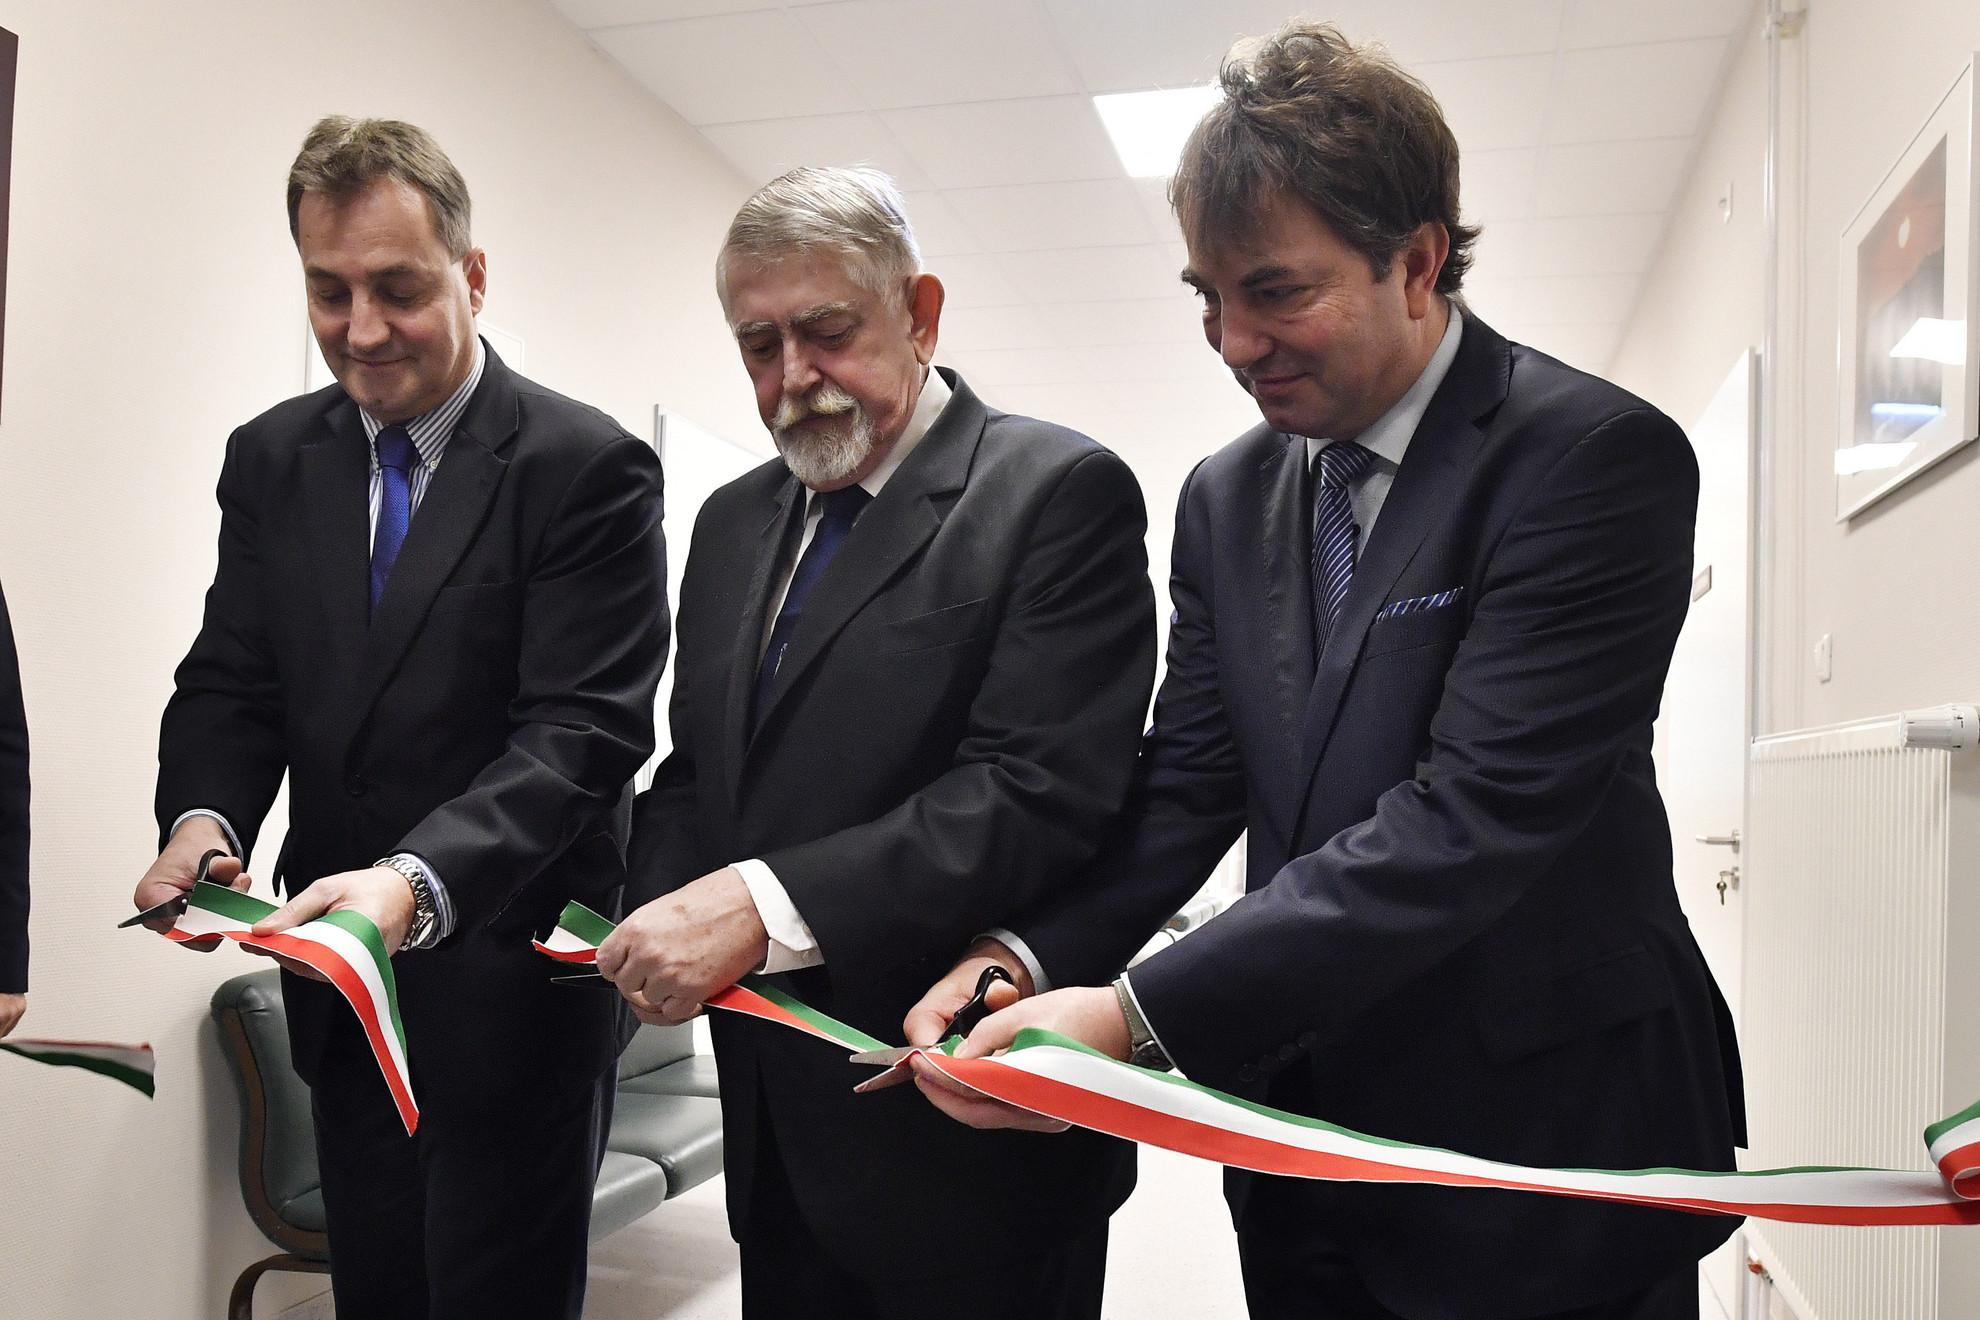 Kásler Miklós, az emberi erőforrások minisztere (k), Polgár Csaba, az intézet főigazgatója (b) és Oberna Ferenc központvezető főorvos átadja az Országos Onkológiai Intézet Fej-nyaki Daganatok Multidiszciplináris Központja felújított fekvőbetegosztályát 2019. december 20-án